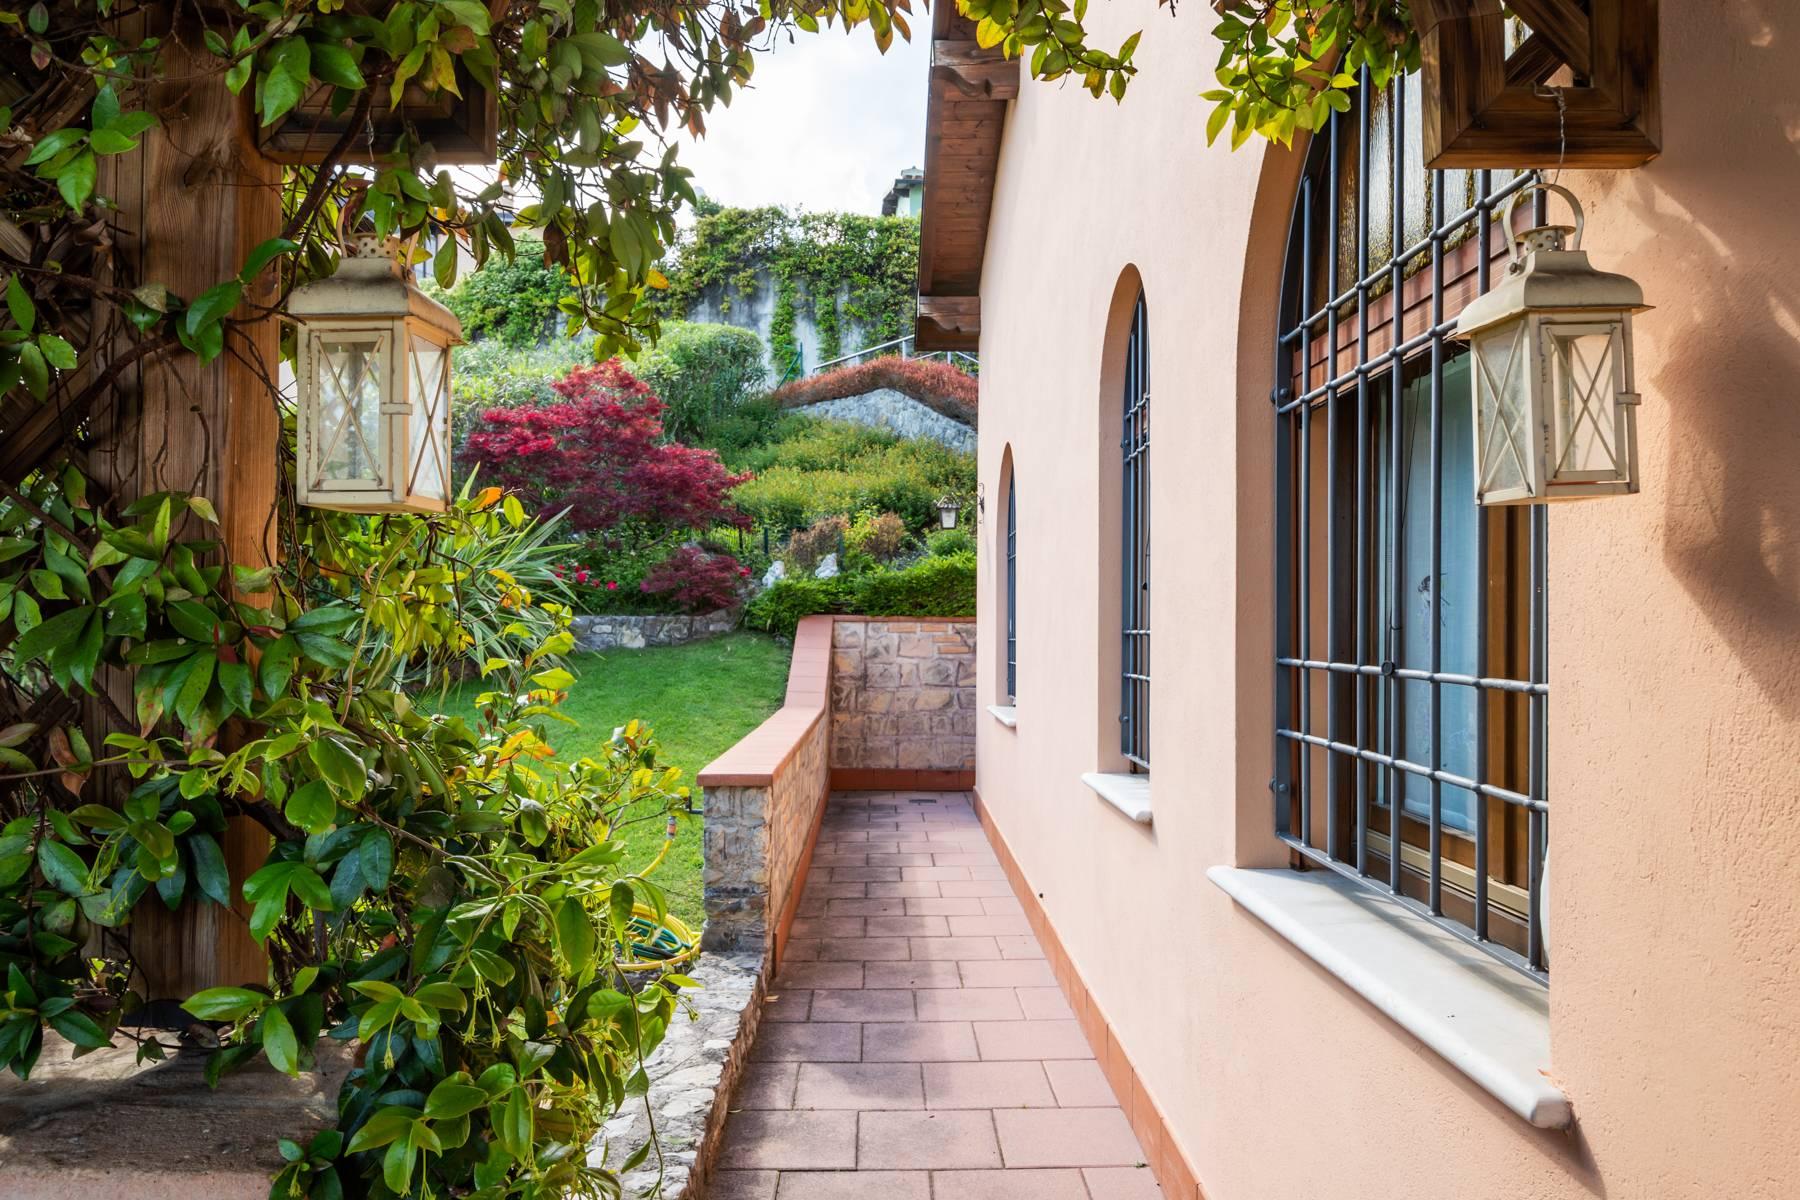 Casa indipendente in Vendita a Toscolano-Maderno: 4 locali, 76 mq - Foto 24